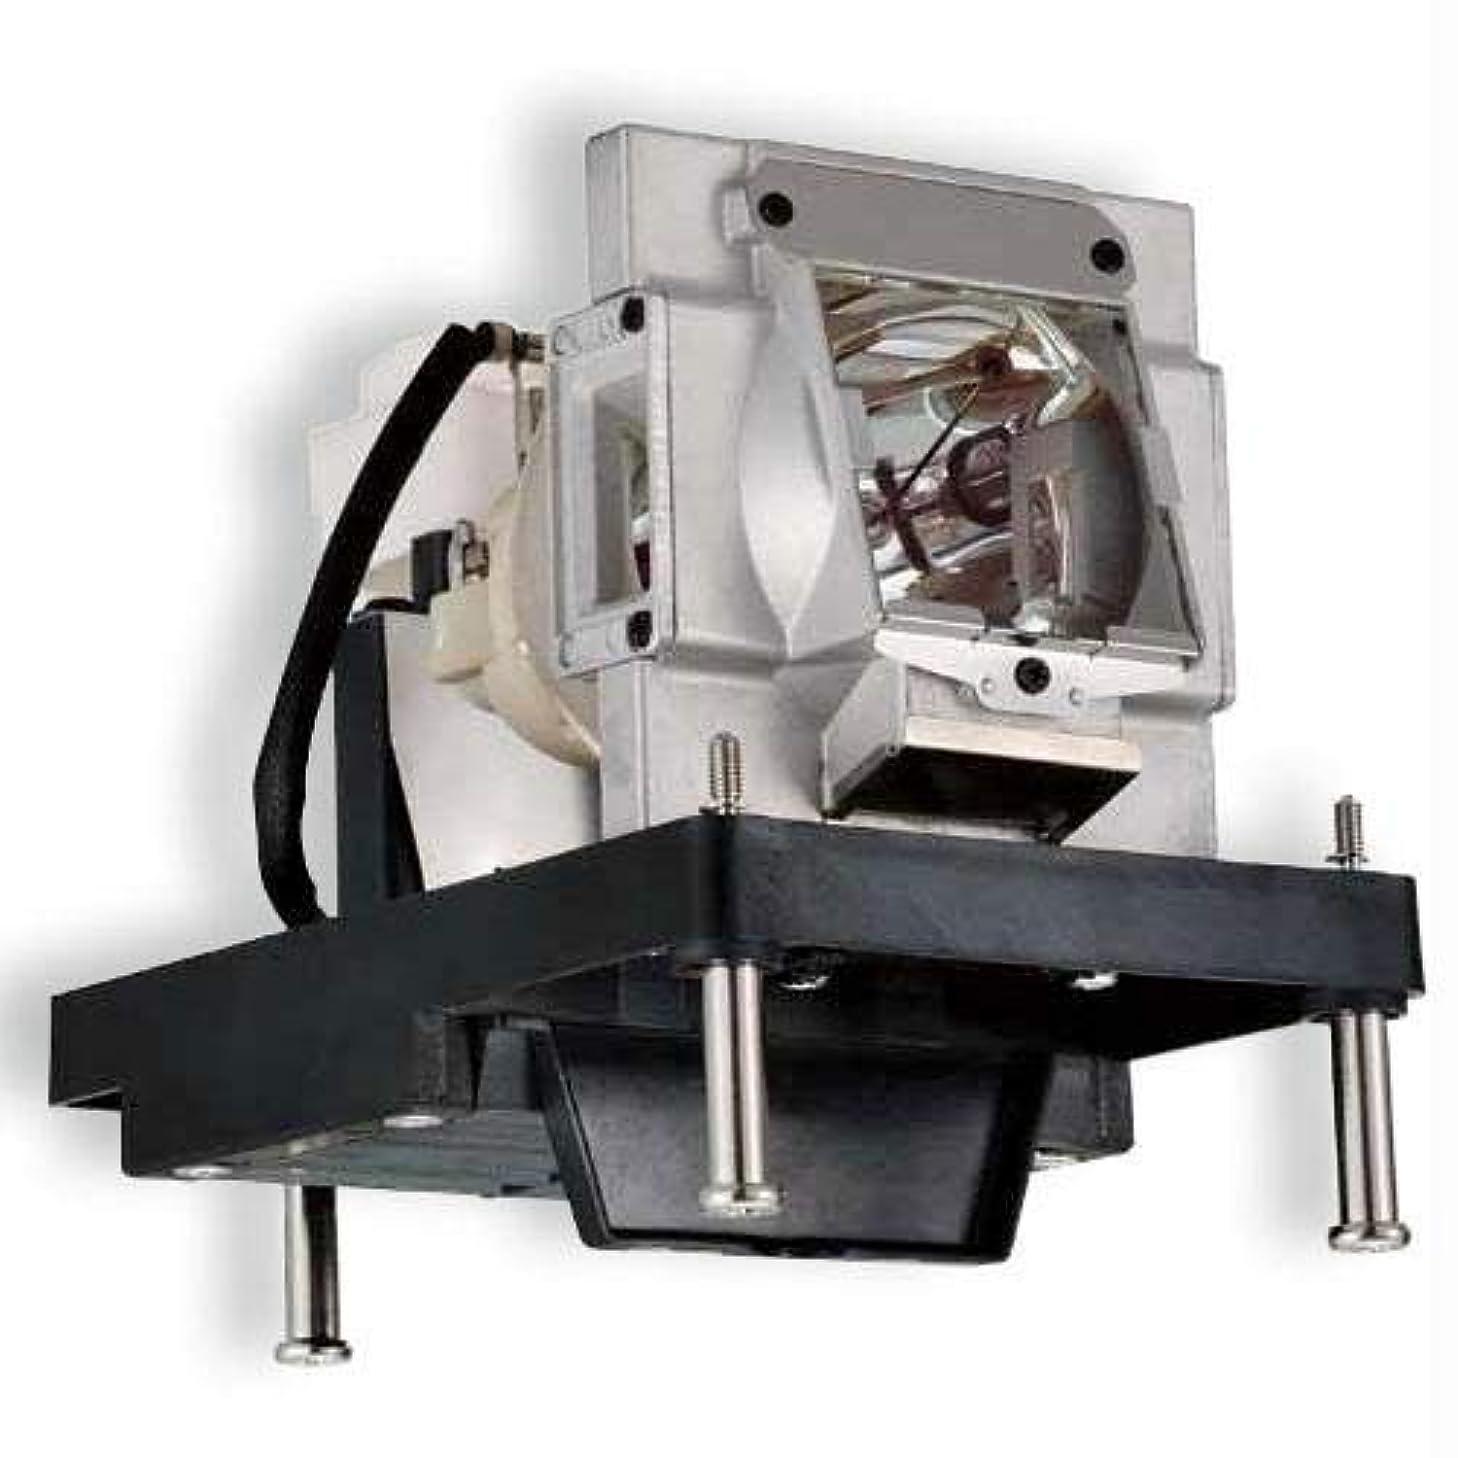 受動的尊敬する教えるPureglare NEC NP-PX700W プロジェクター交換用ランプ 汎用 150日間安心保証つき